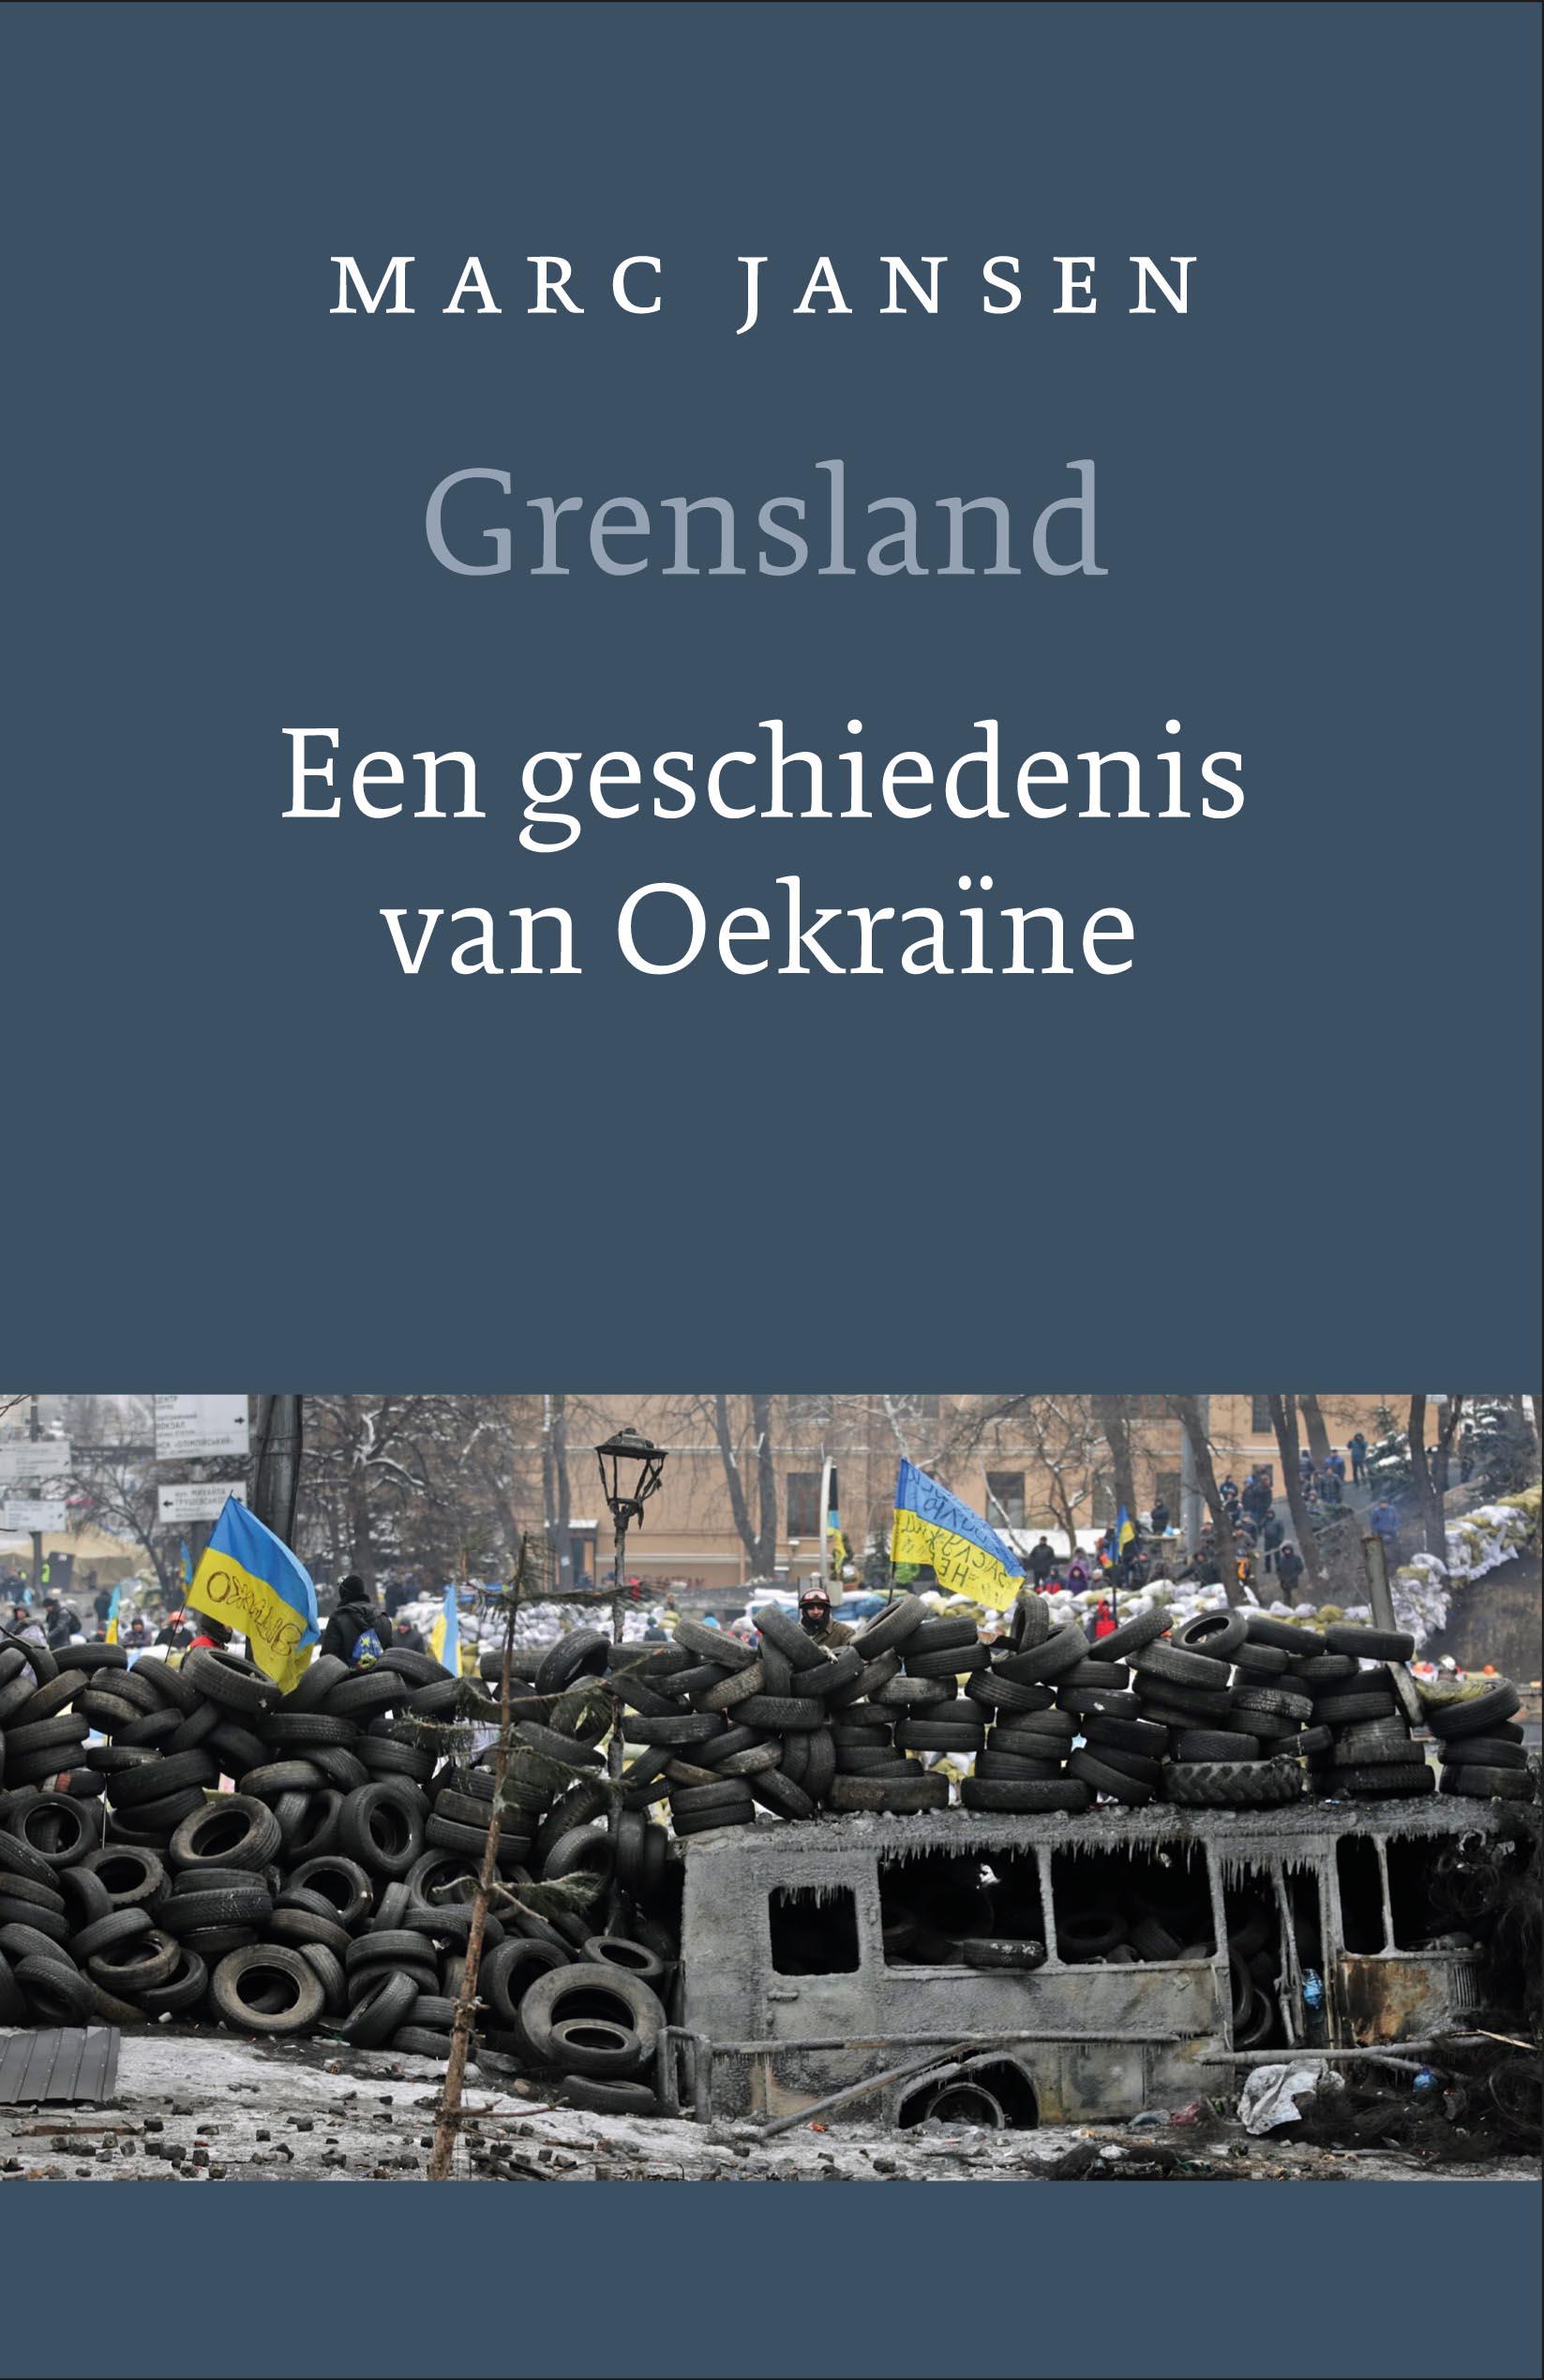 Grensland - Een geschiedenis van Oekraïne